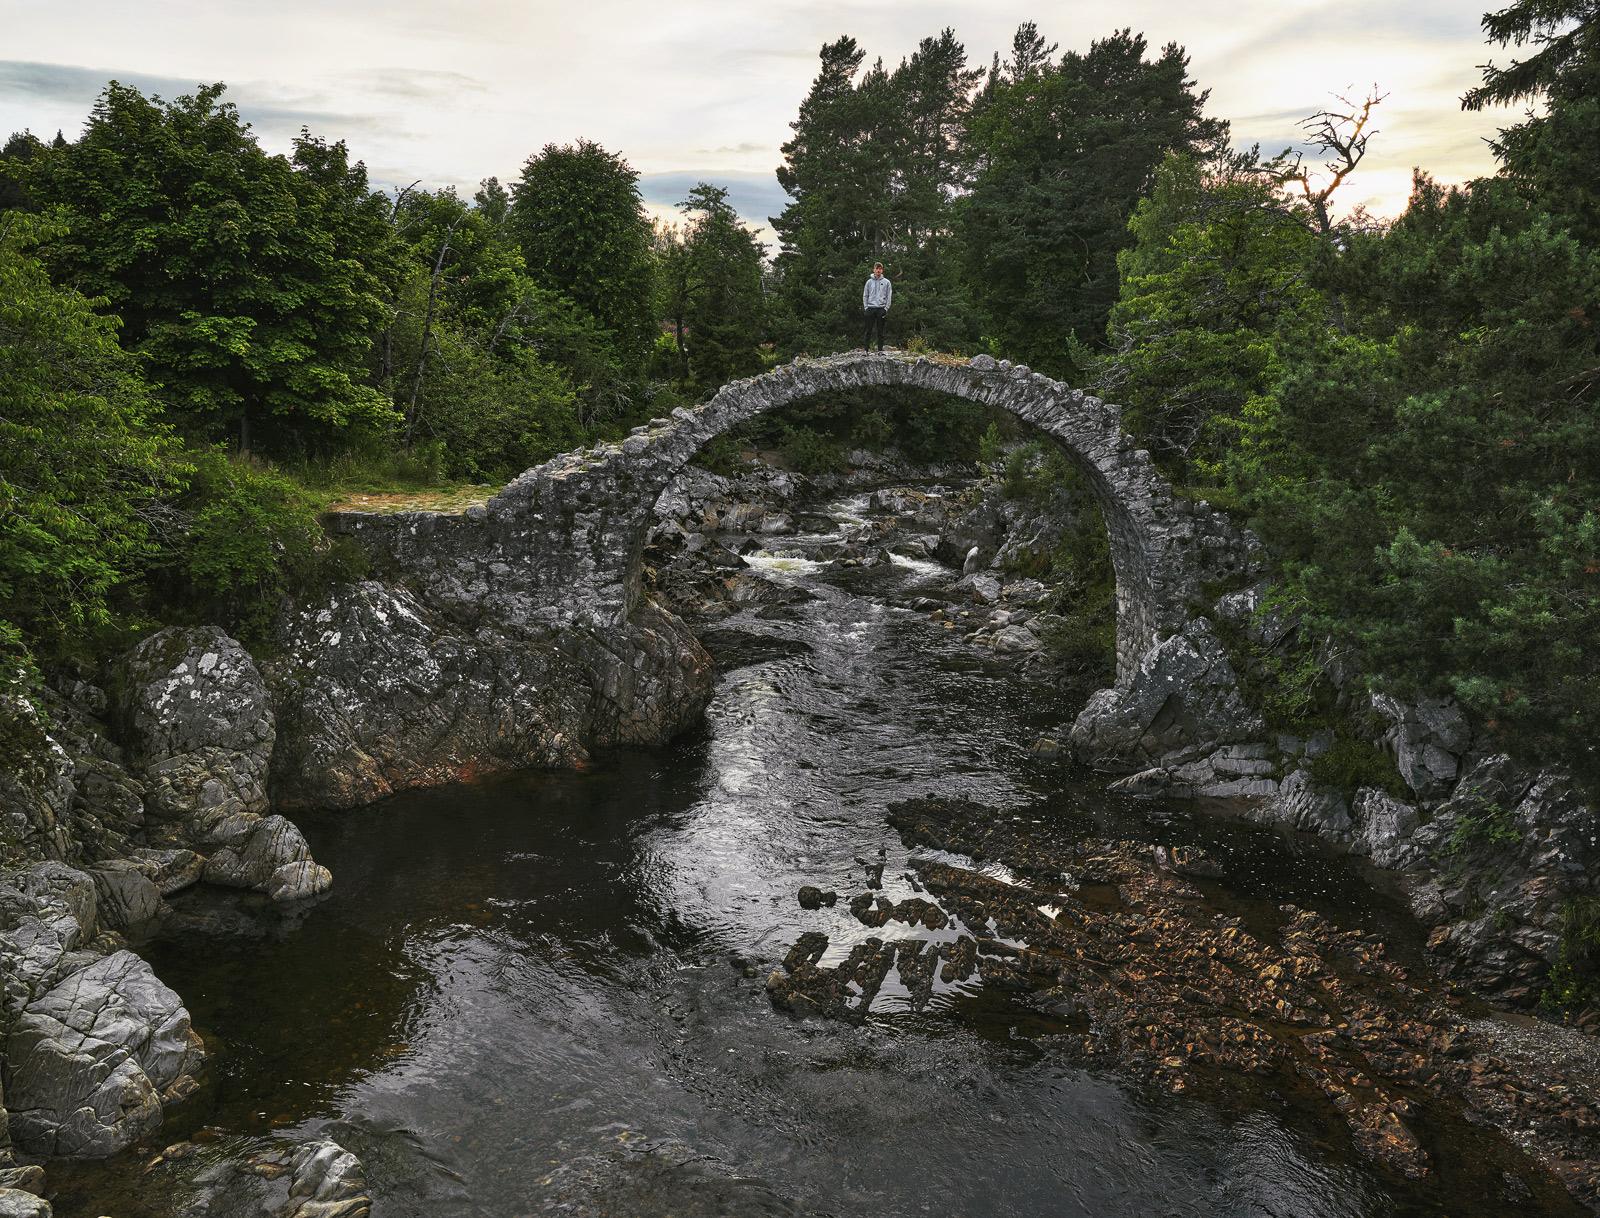 Fragile Carrbridge, Carrbridge, Highland, Scotland, stone, gorge, foliage, summer, bridge, photo